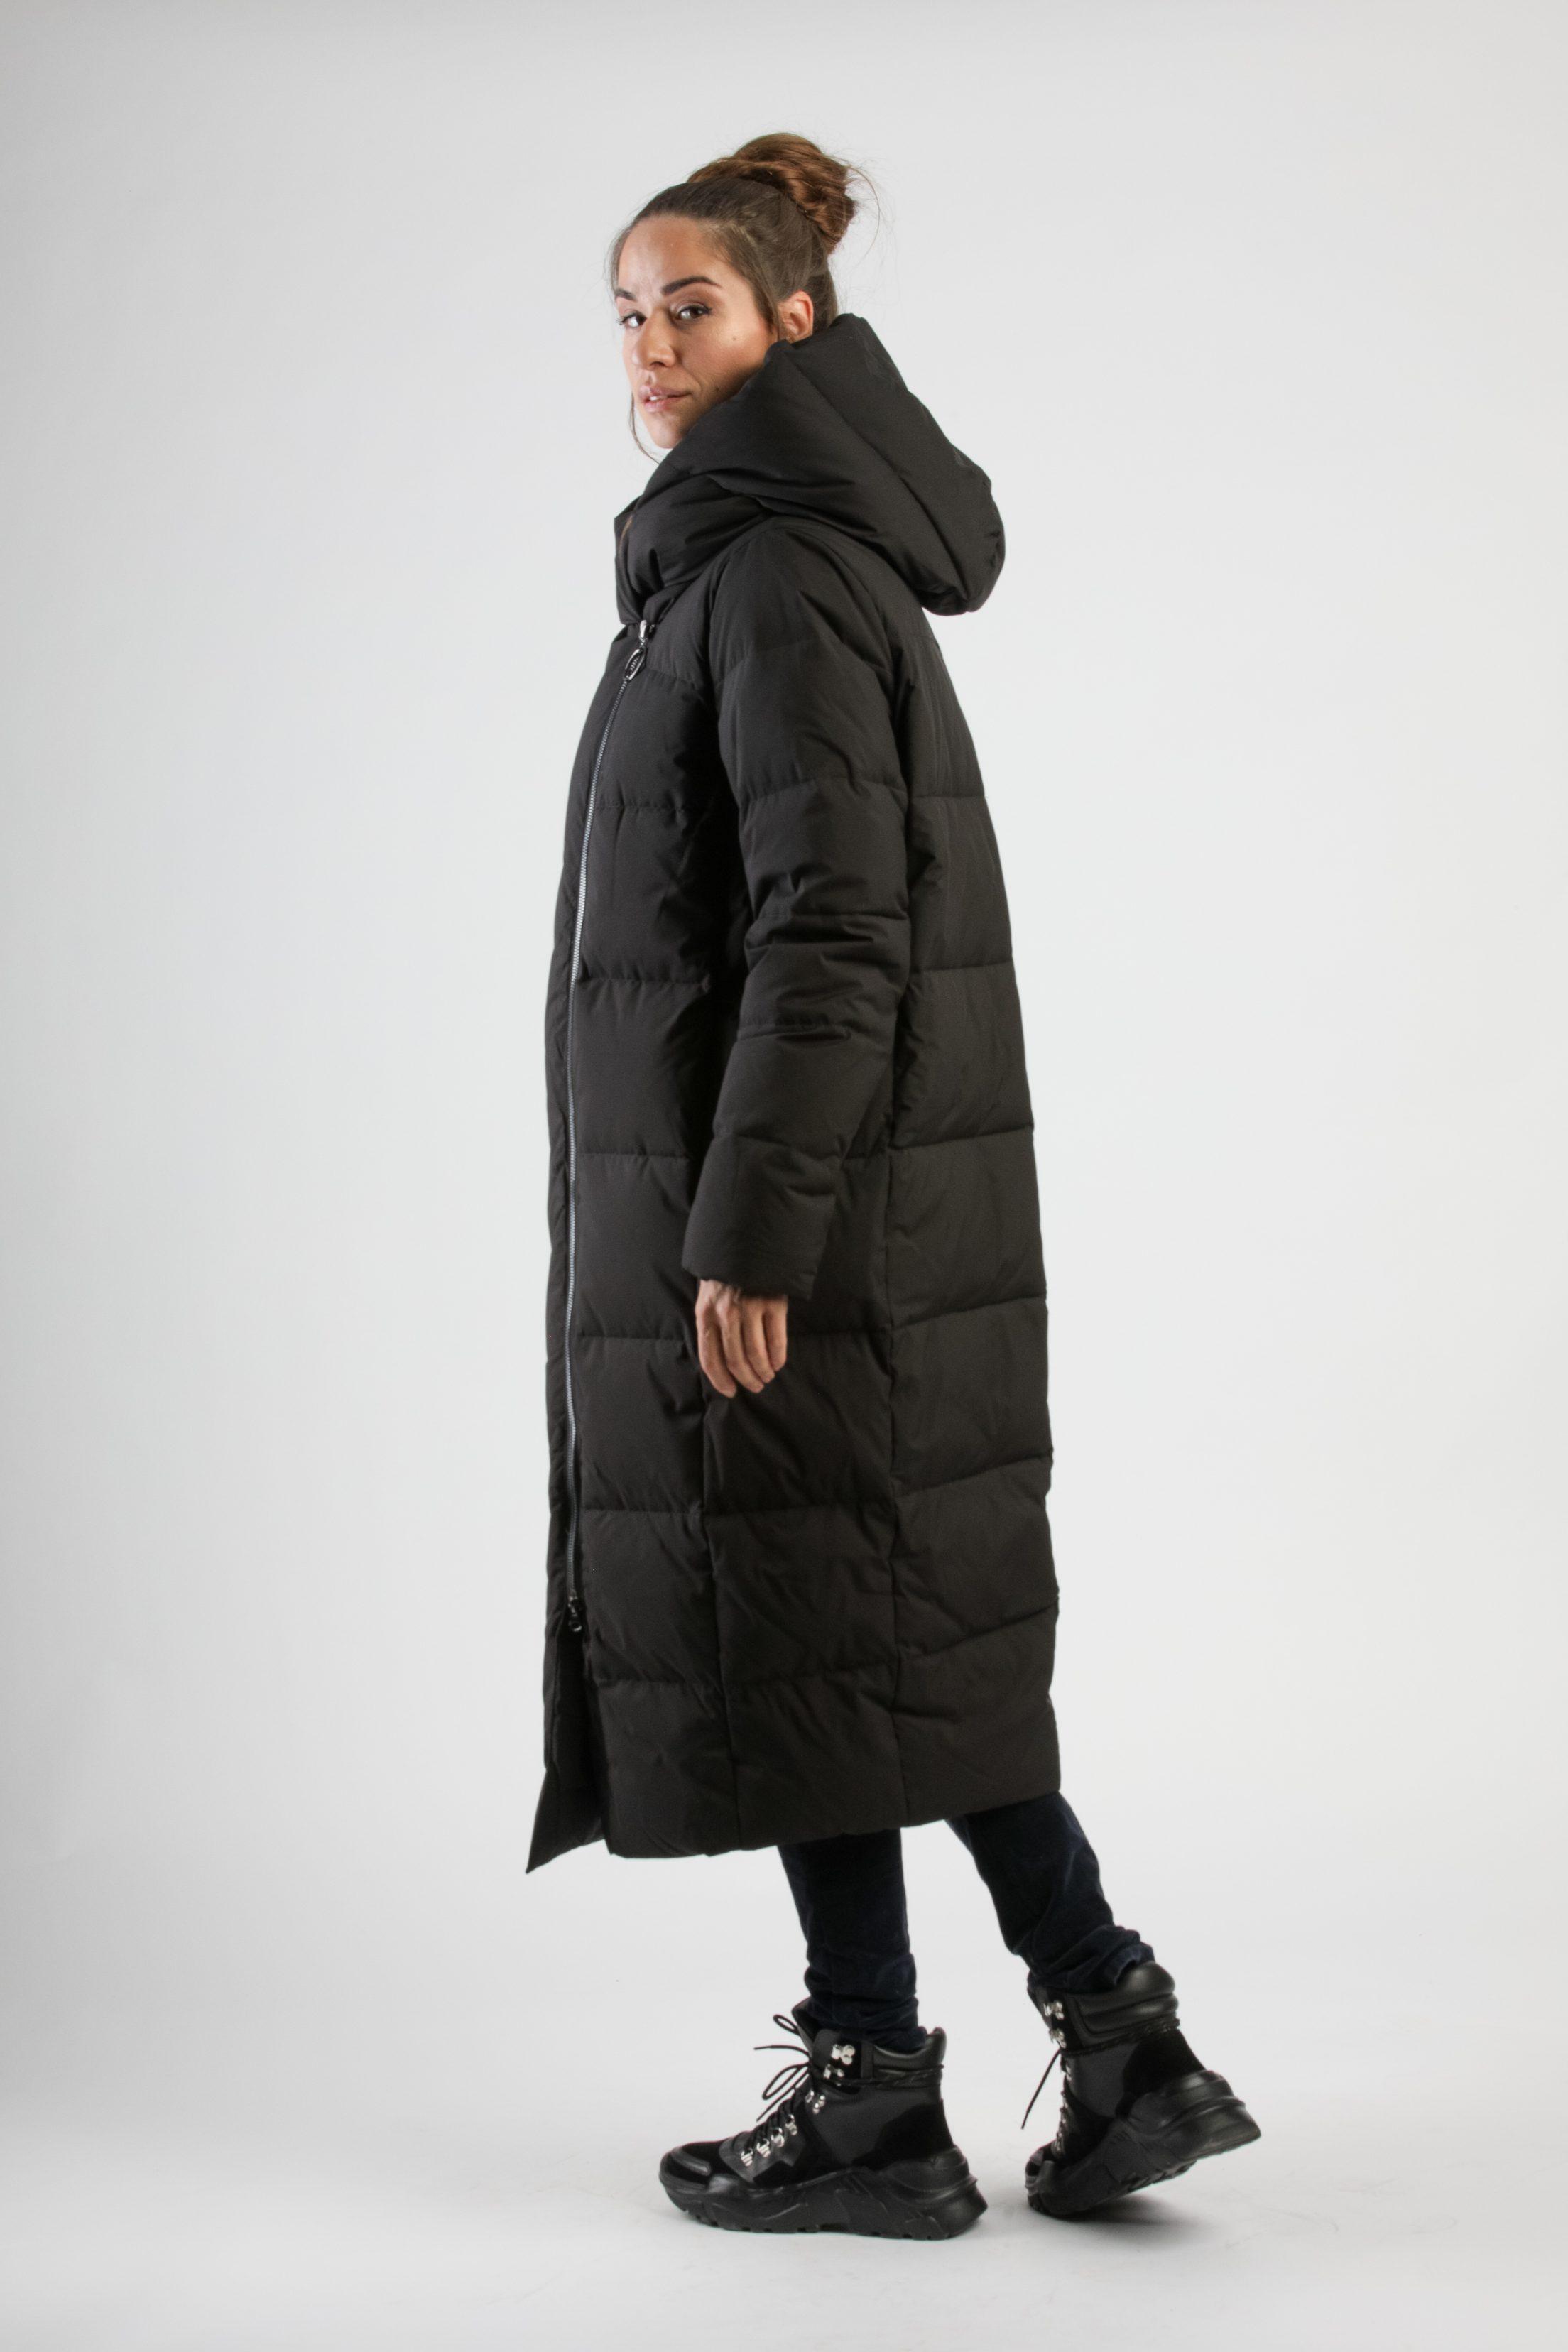 Liekninantys pūkiniai paltai, Koks yra geriausias saugus riebalų degintojas